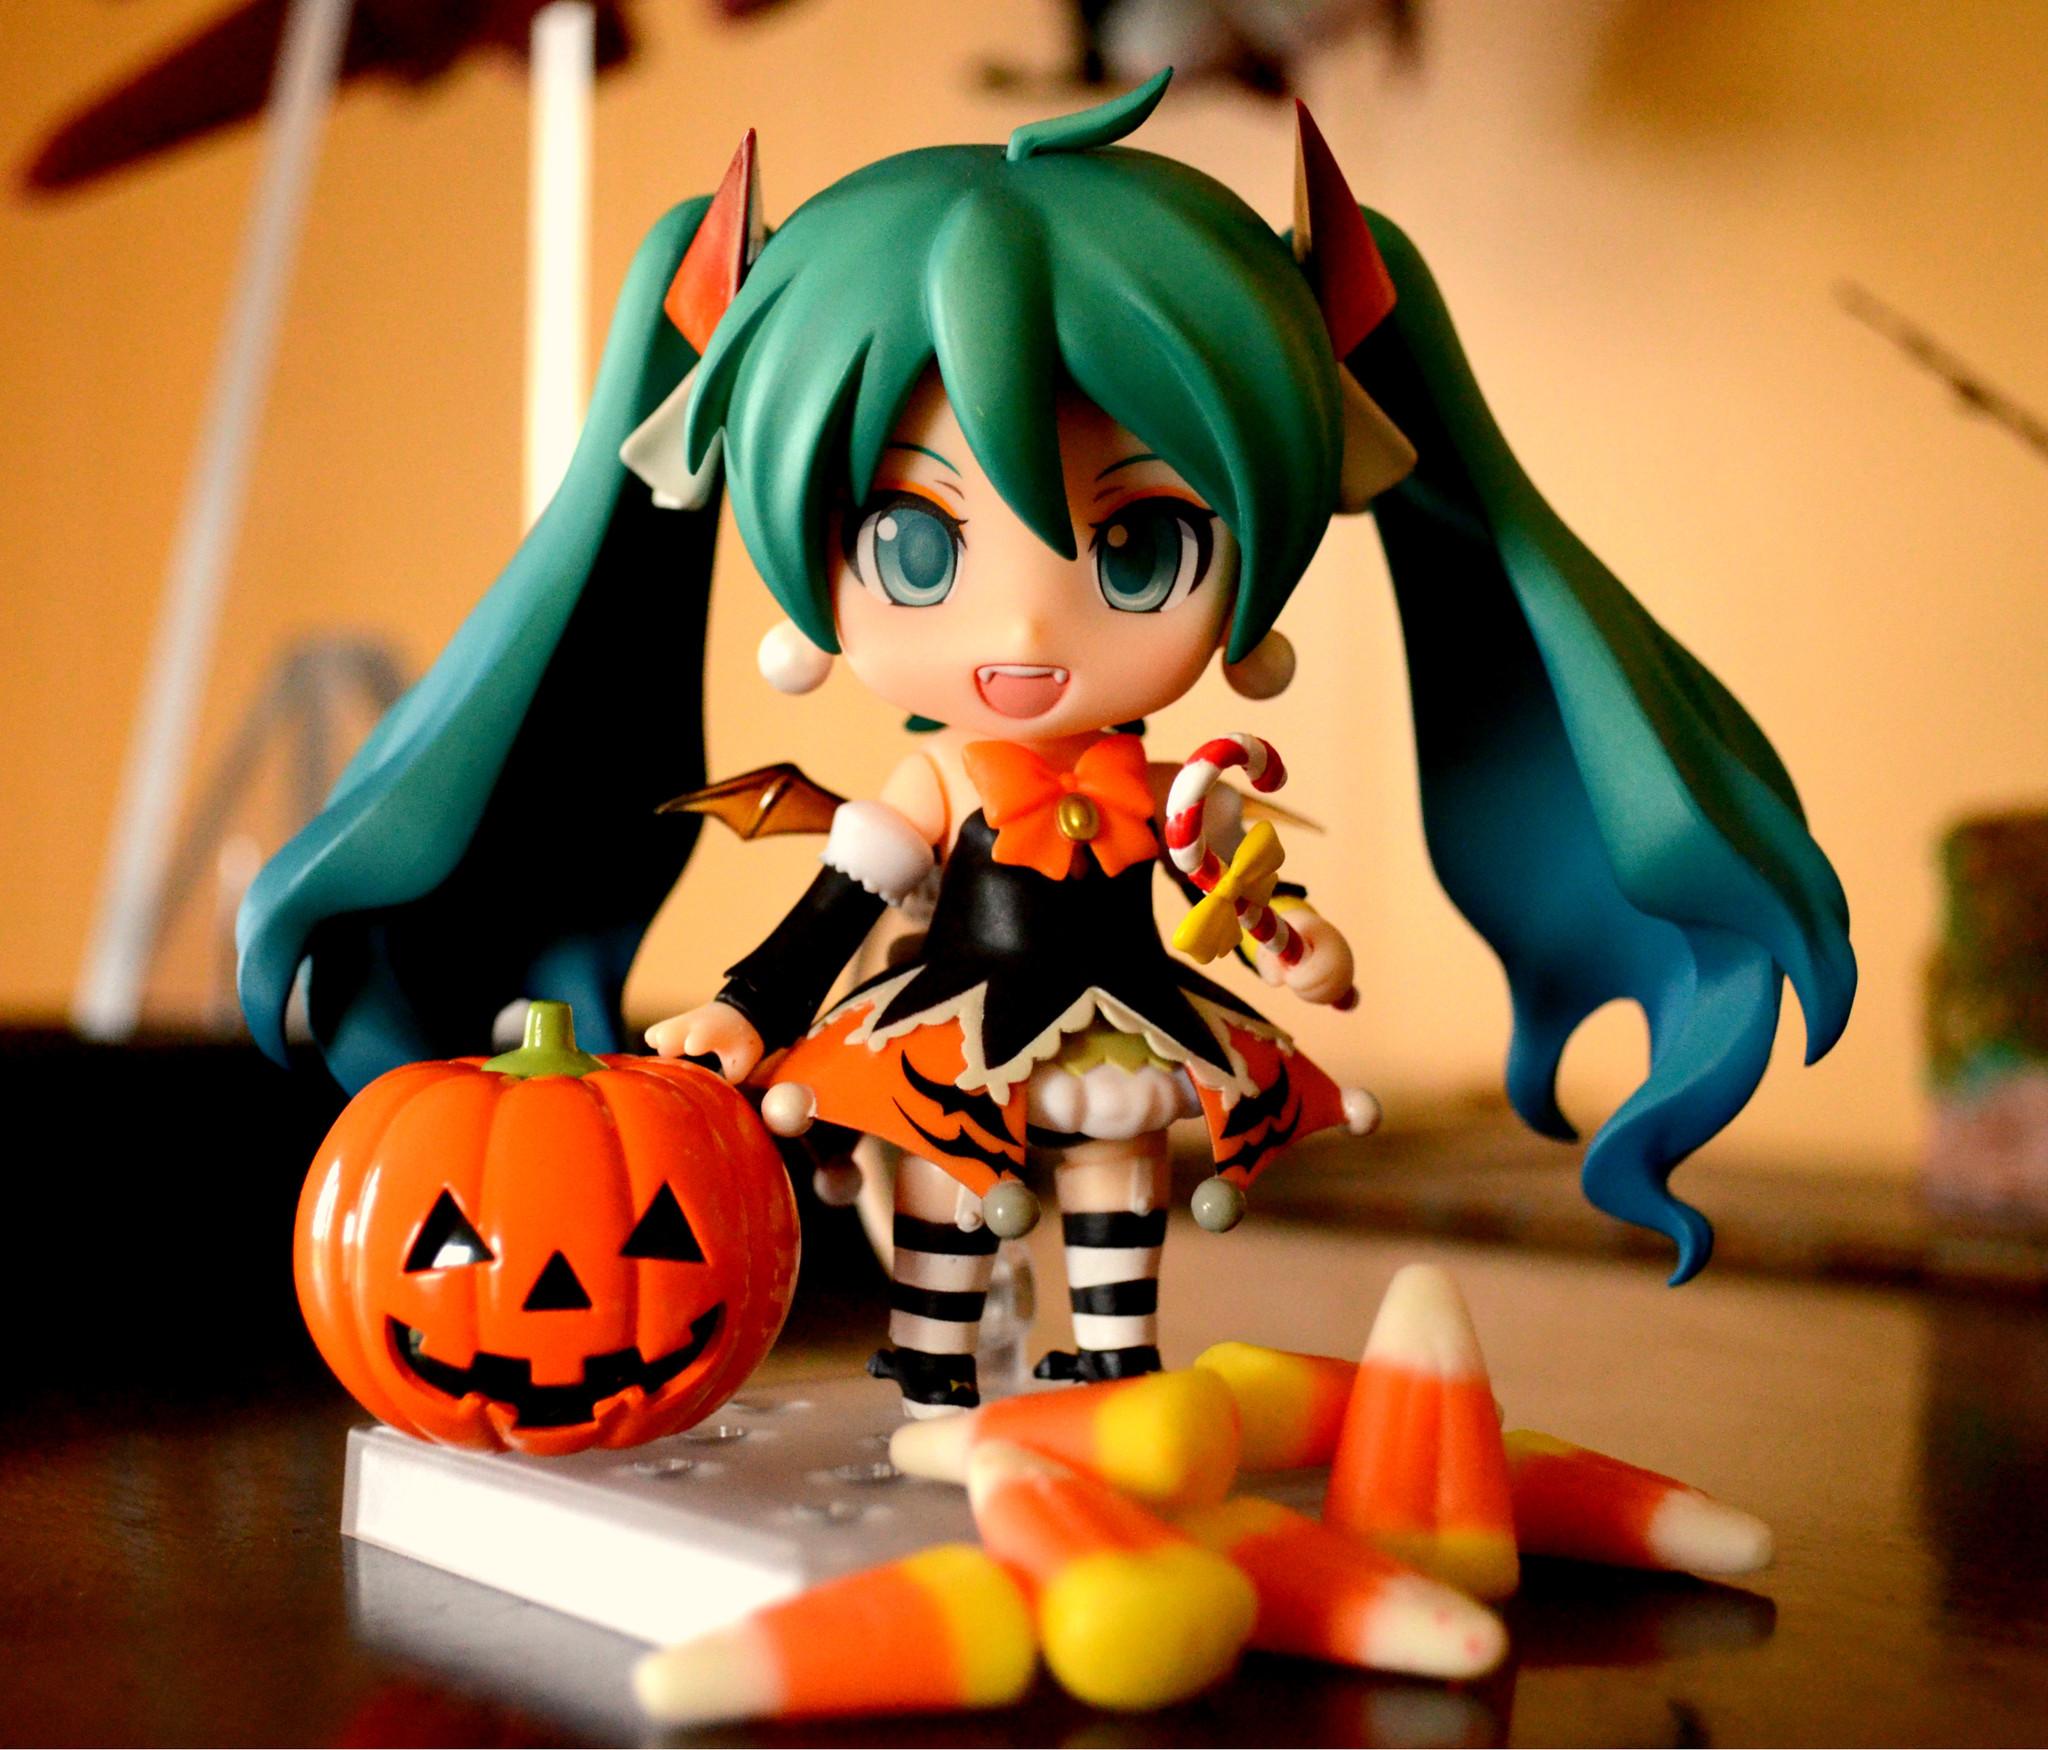 halloween nendoroid hatsune_miku